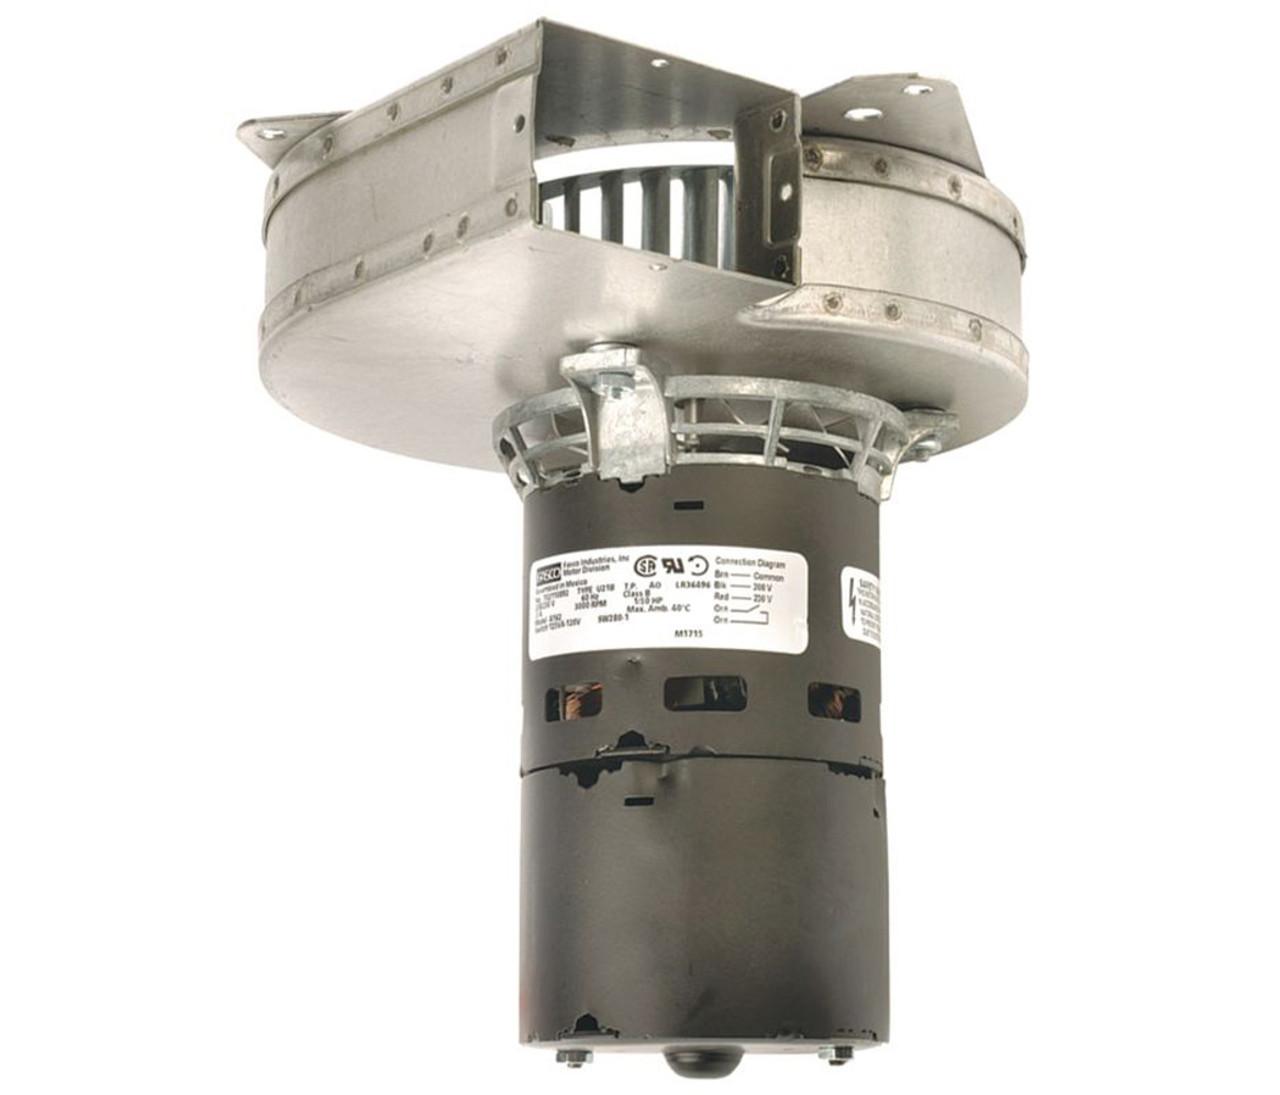 Goodman Furnace Draft Inducer Blower 7021 8656 208 230 Volts Fasco A162